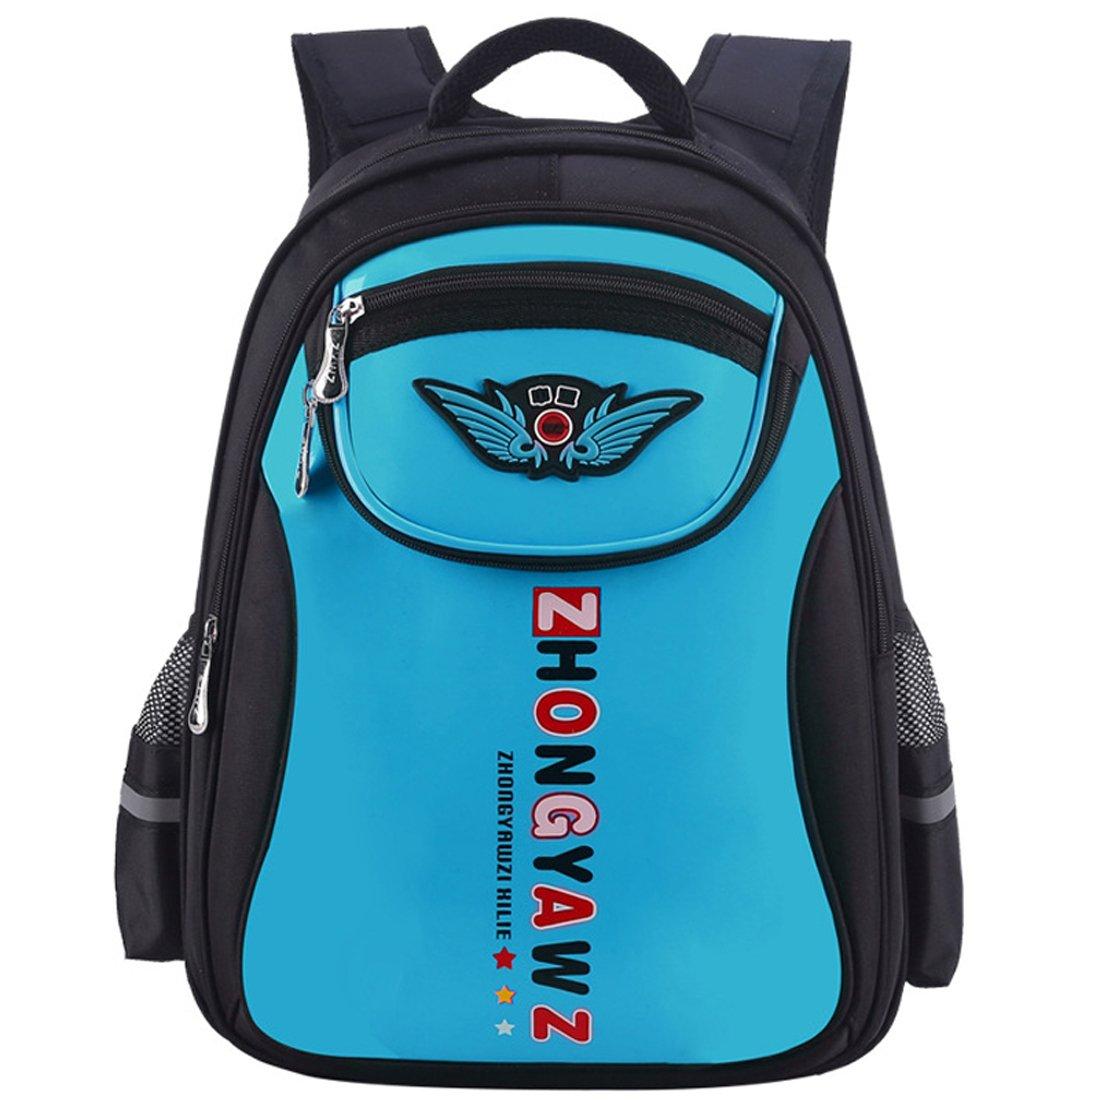 60300ca1a488 Amazon.com: AnKoee School Backpack / Hiking Backpack/Sports Bag ...